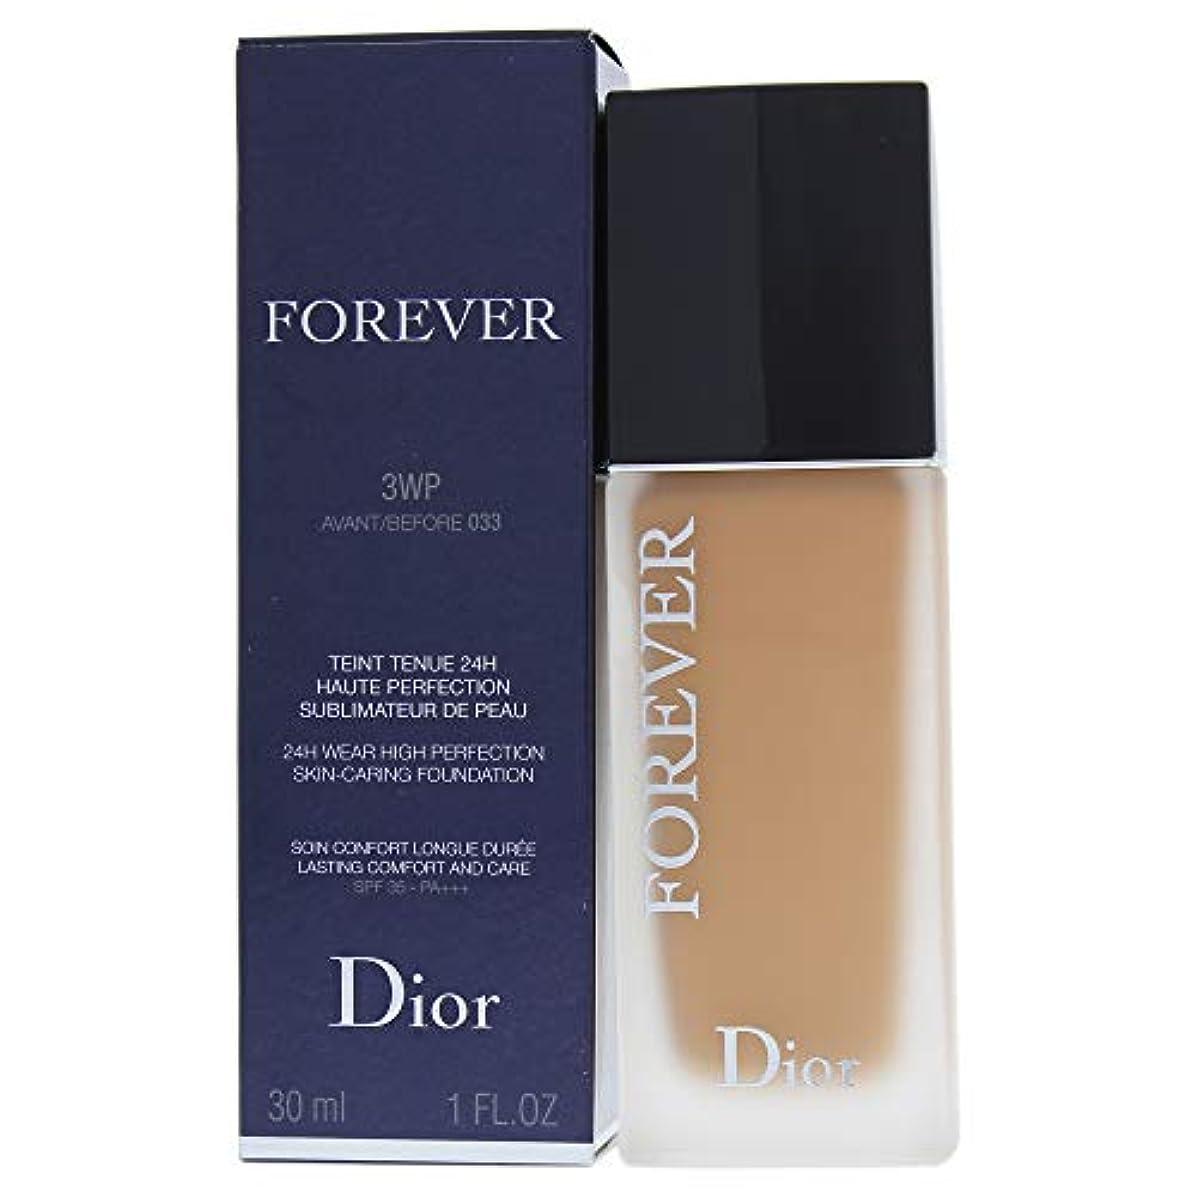 平日郡男やもめクリスチャンディオール Dior Forever 24H Wear High Perfection Foundation SPF 35 - # 3WP (Warm Peach) 30ml/1oz並行輸入品